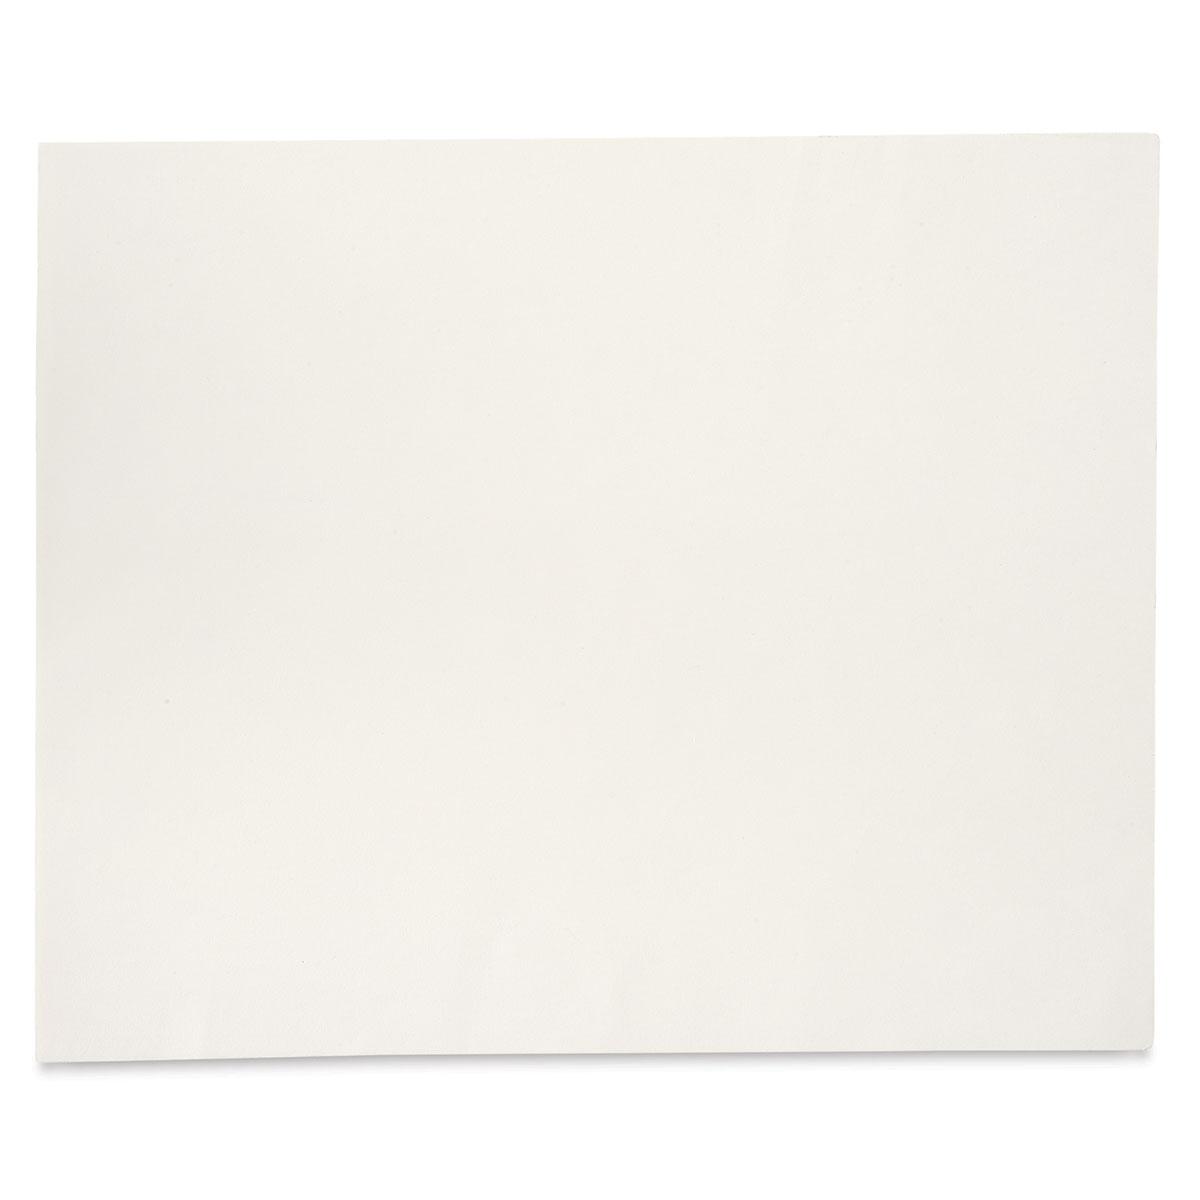 Awagami Hakuho Select Paper - Single Sheet